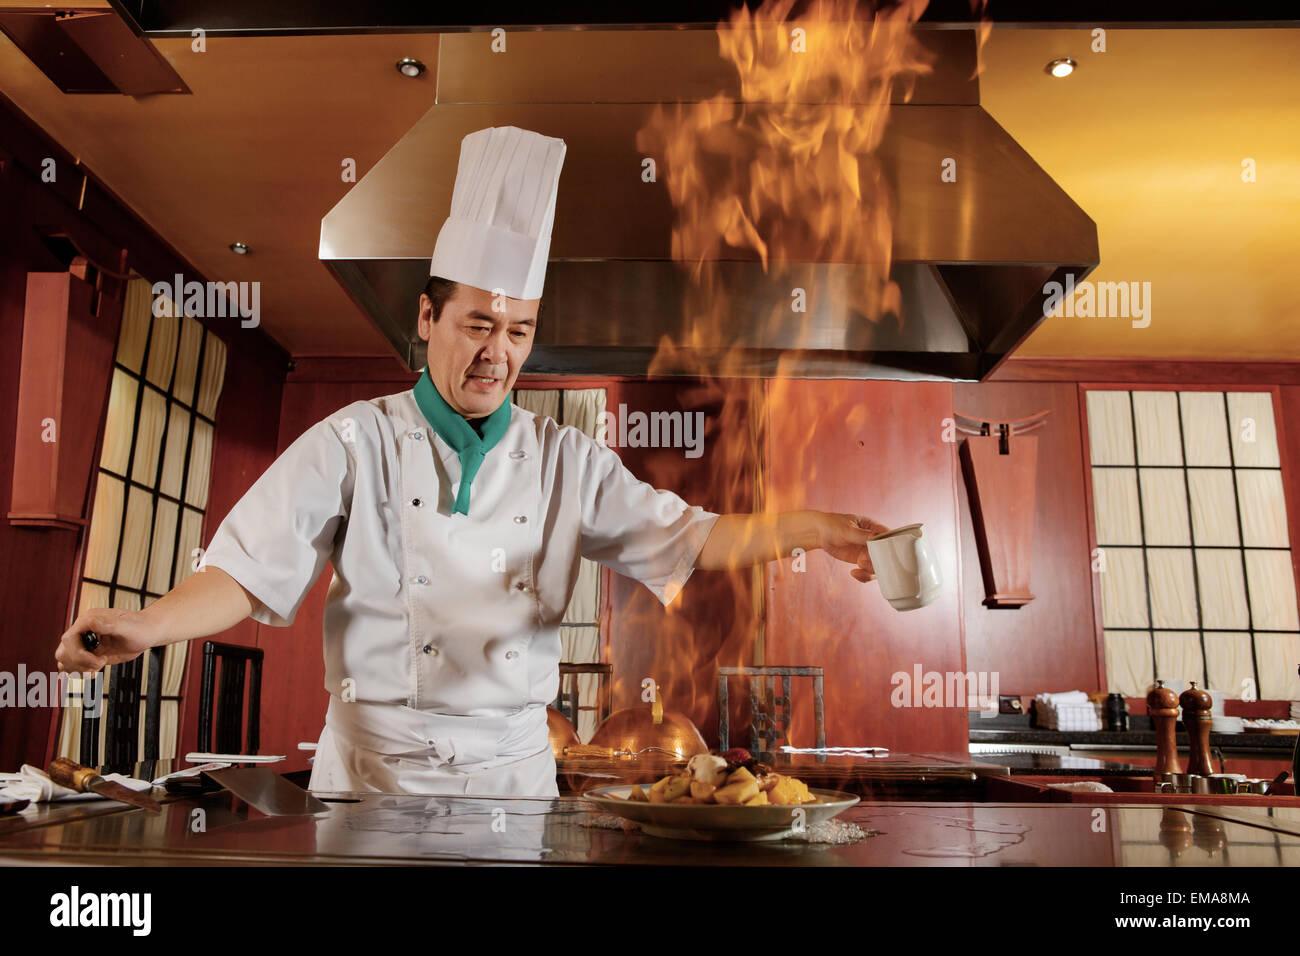 Cook Pommes frites Gemüse auf einer Küche Stockbild